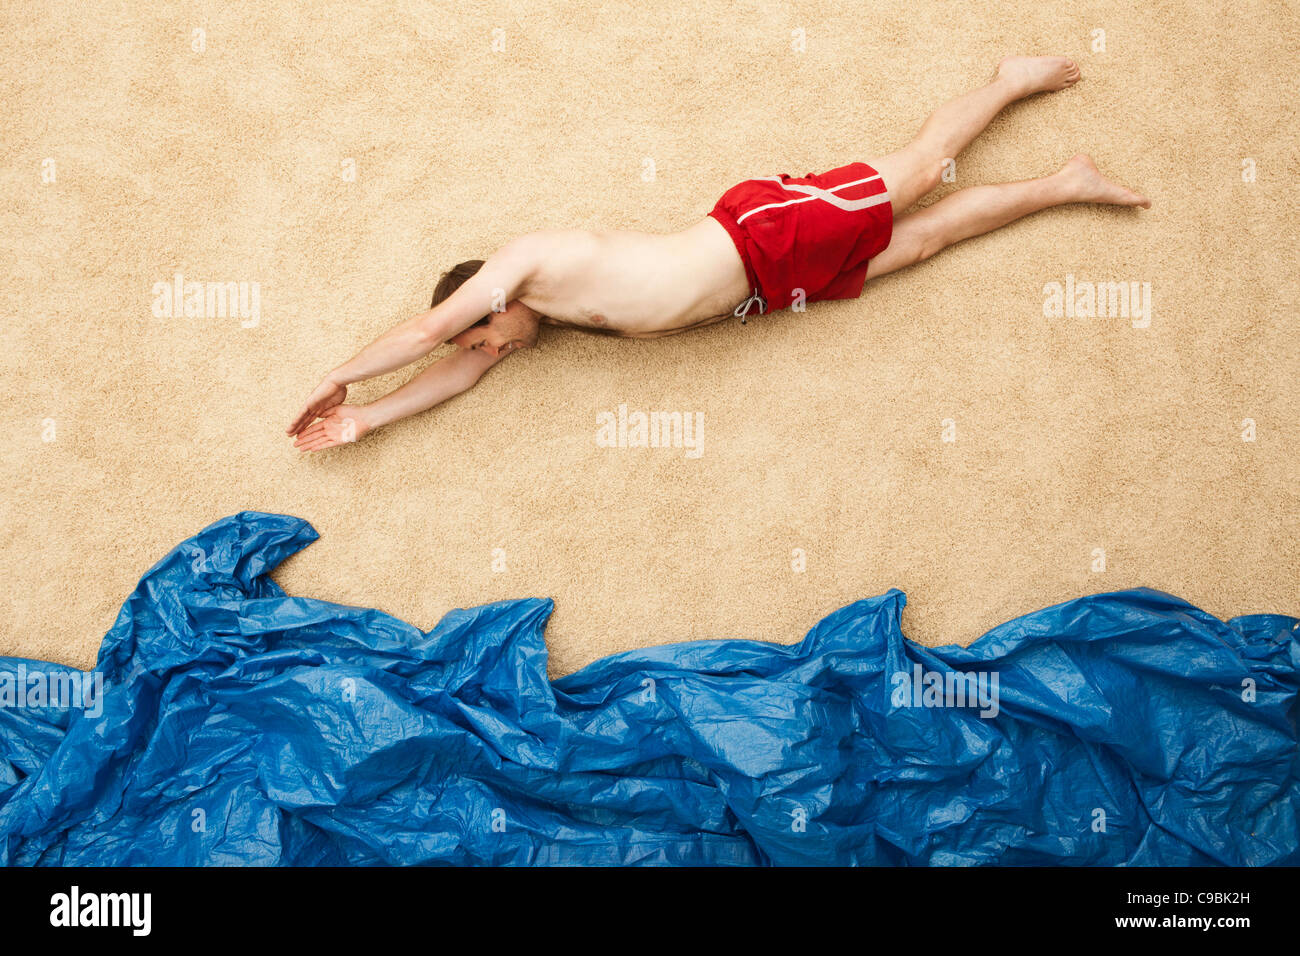 Deutschland, junger Mann springt im Wasser am Strand Stockfoto